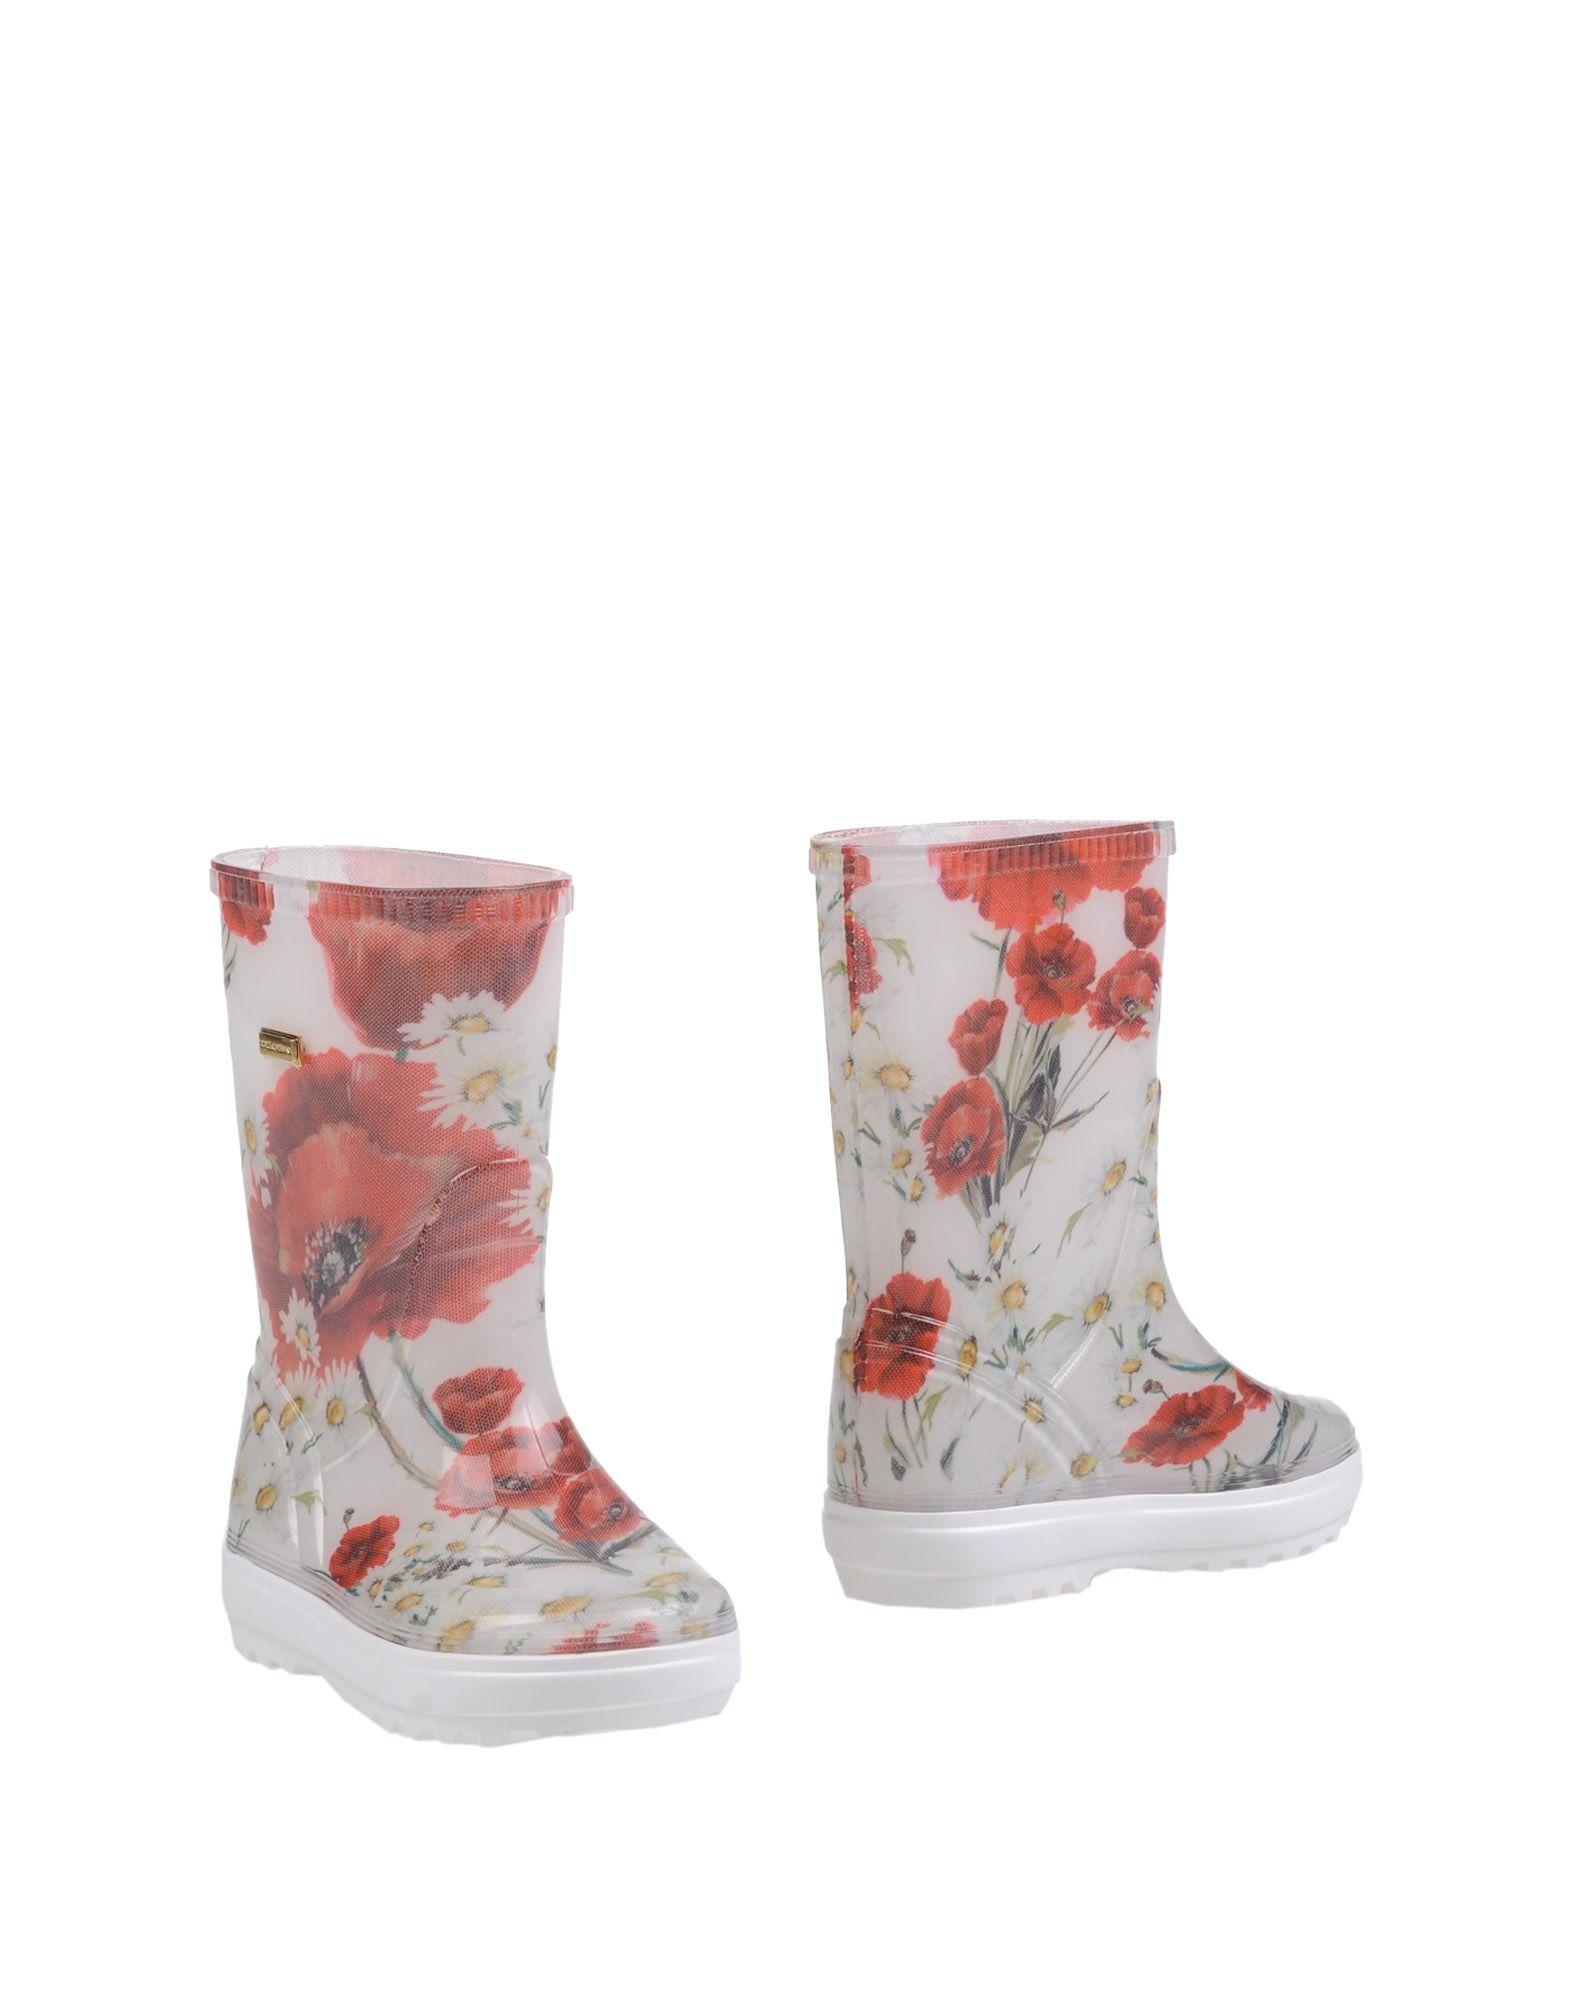 DOLCE & GABBANA Сапоги le royal кружева моды на высоких каблуках непромокаемые сапоги воды обувь g003 белый 39 ярдов